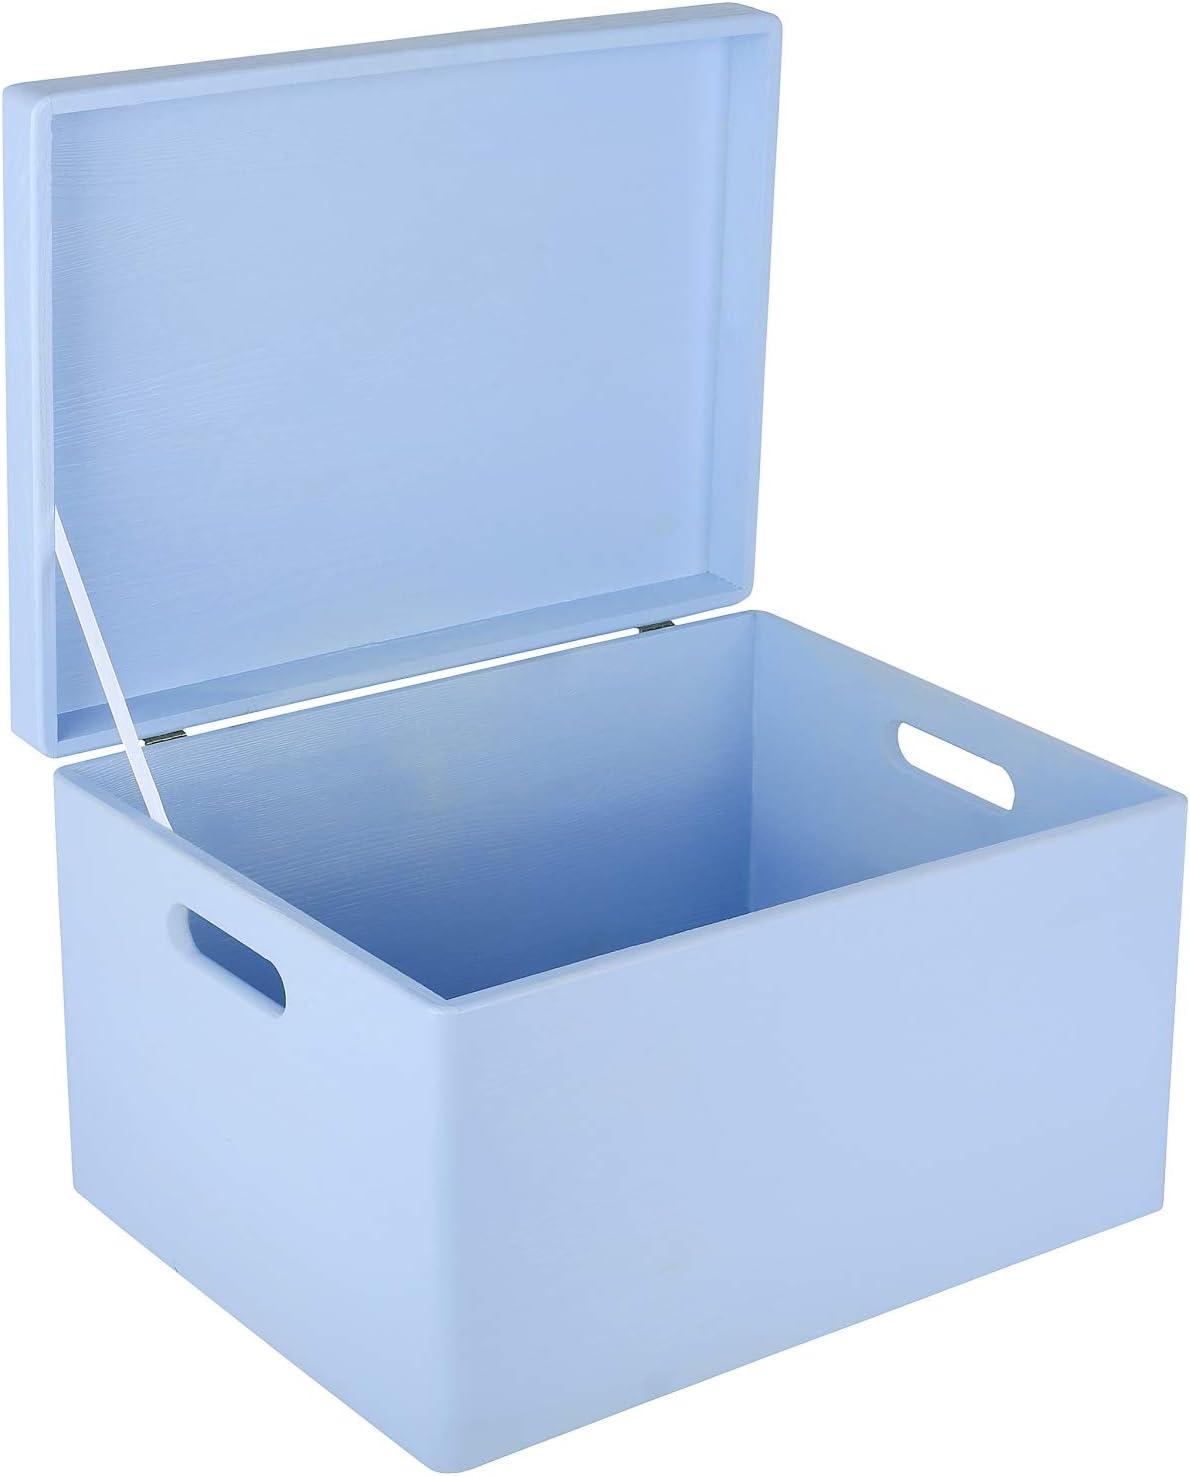 Creative Deco XXL Azul Caja de Madera Grande para Juguetes | 40 x ...